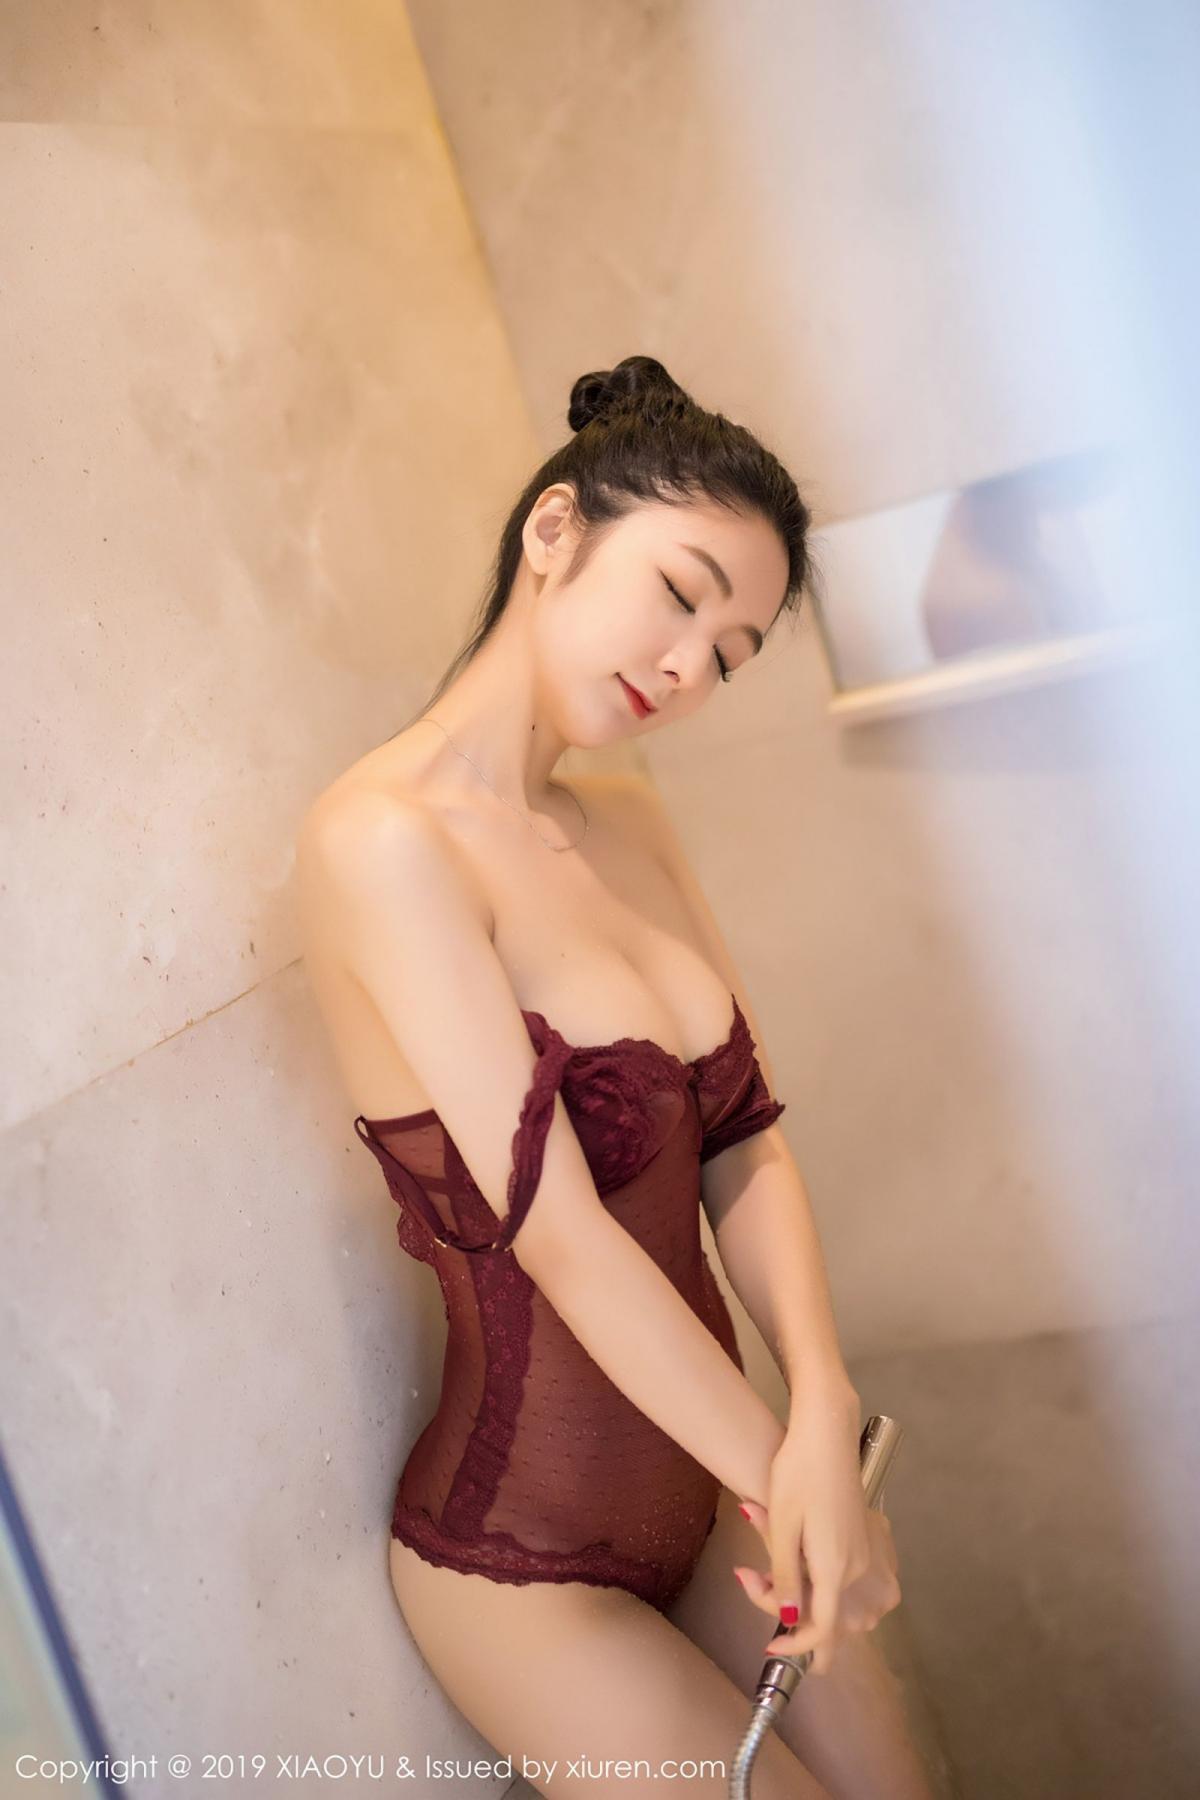 [XiaoYu] Vol.017 Di Yi 32P, Bathroom, Di Yi, Underwear, Wet, XiaoYu